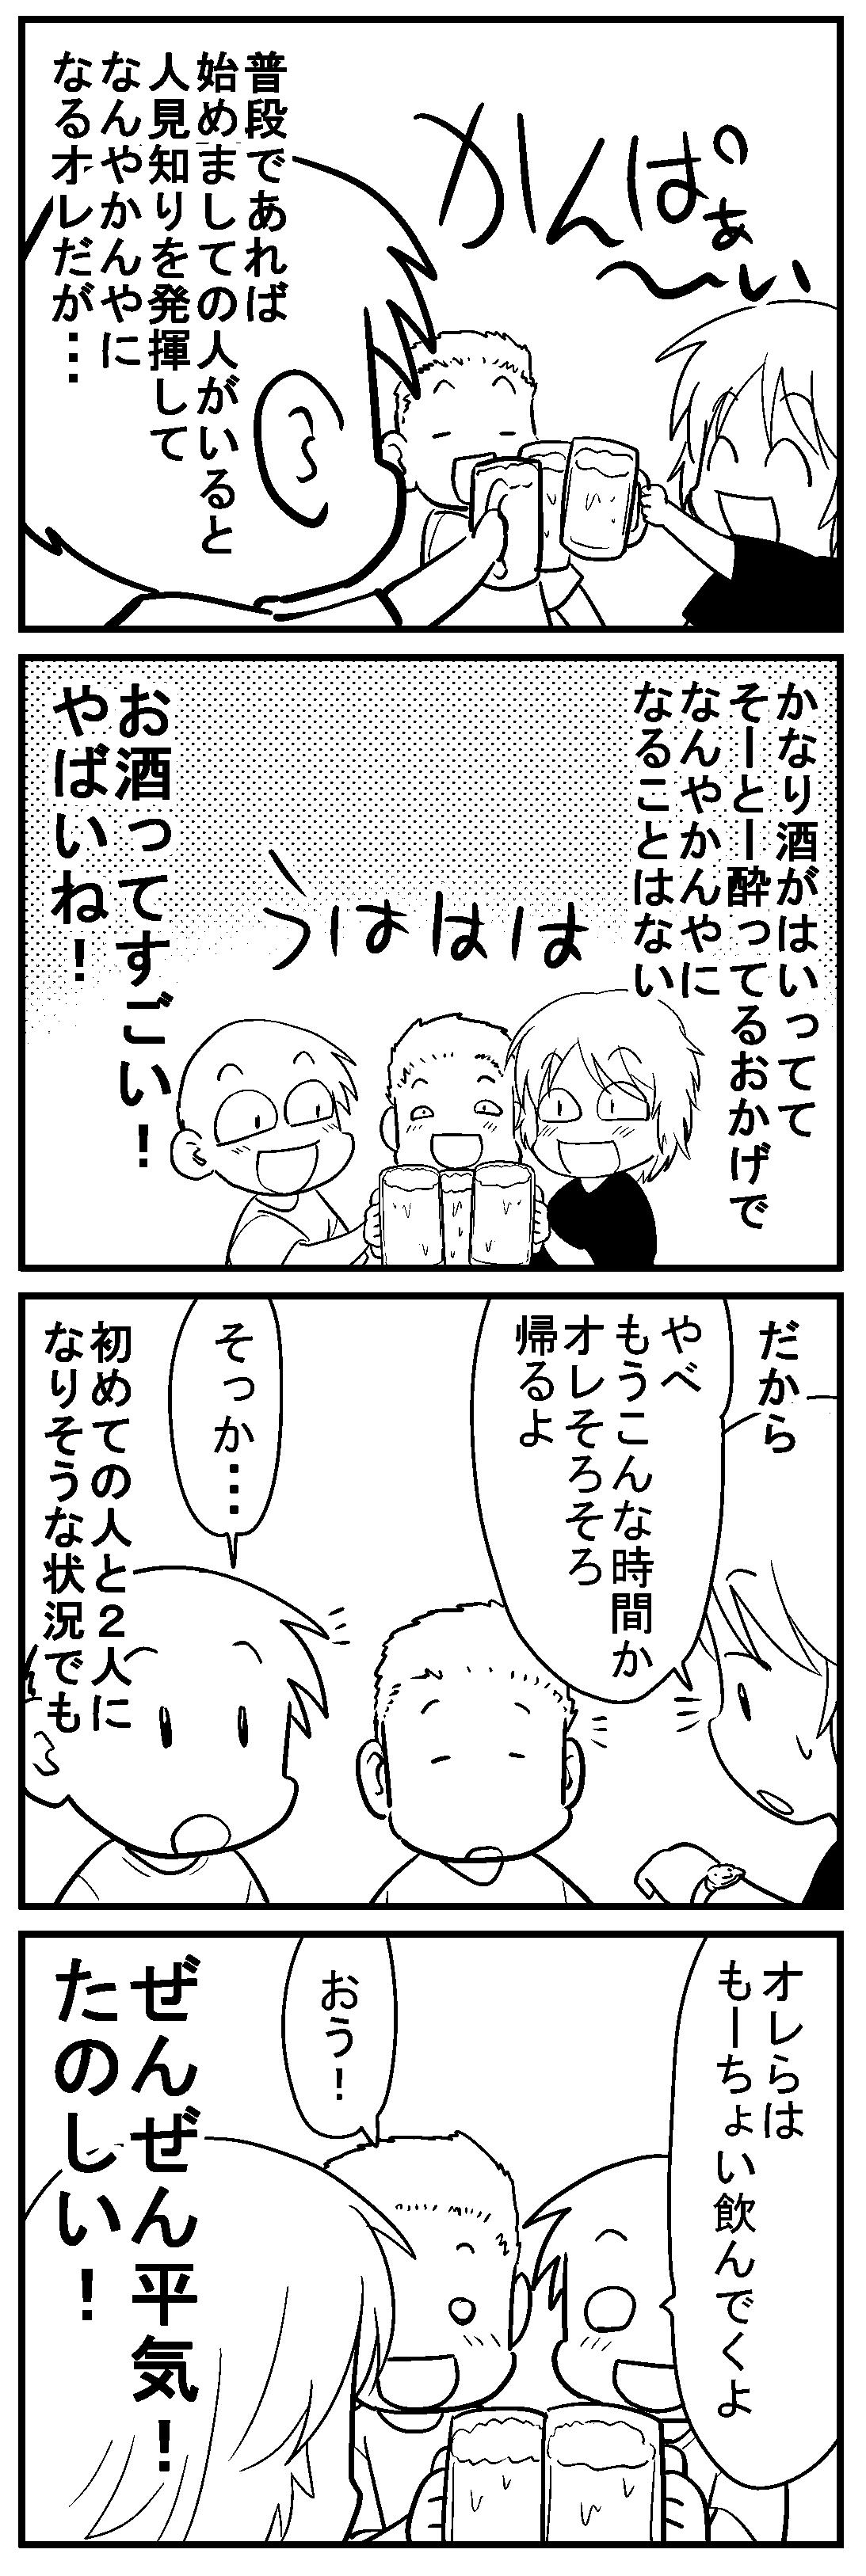 深読みくん78-2